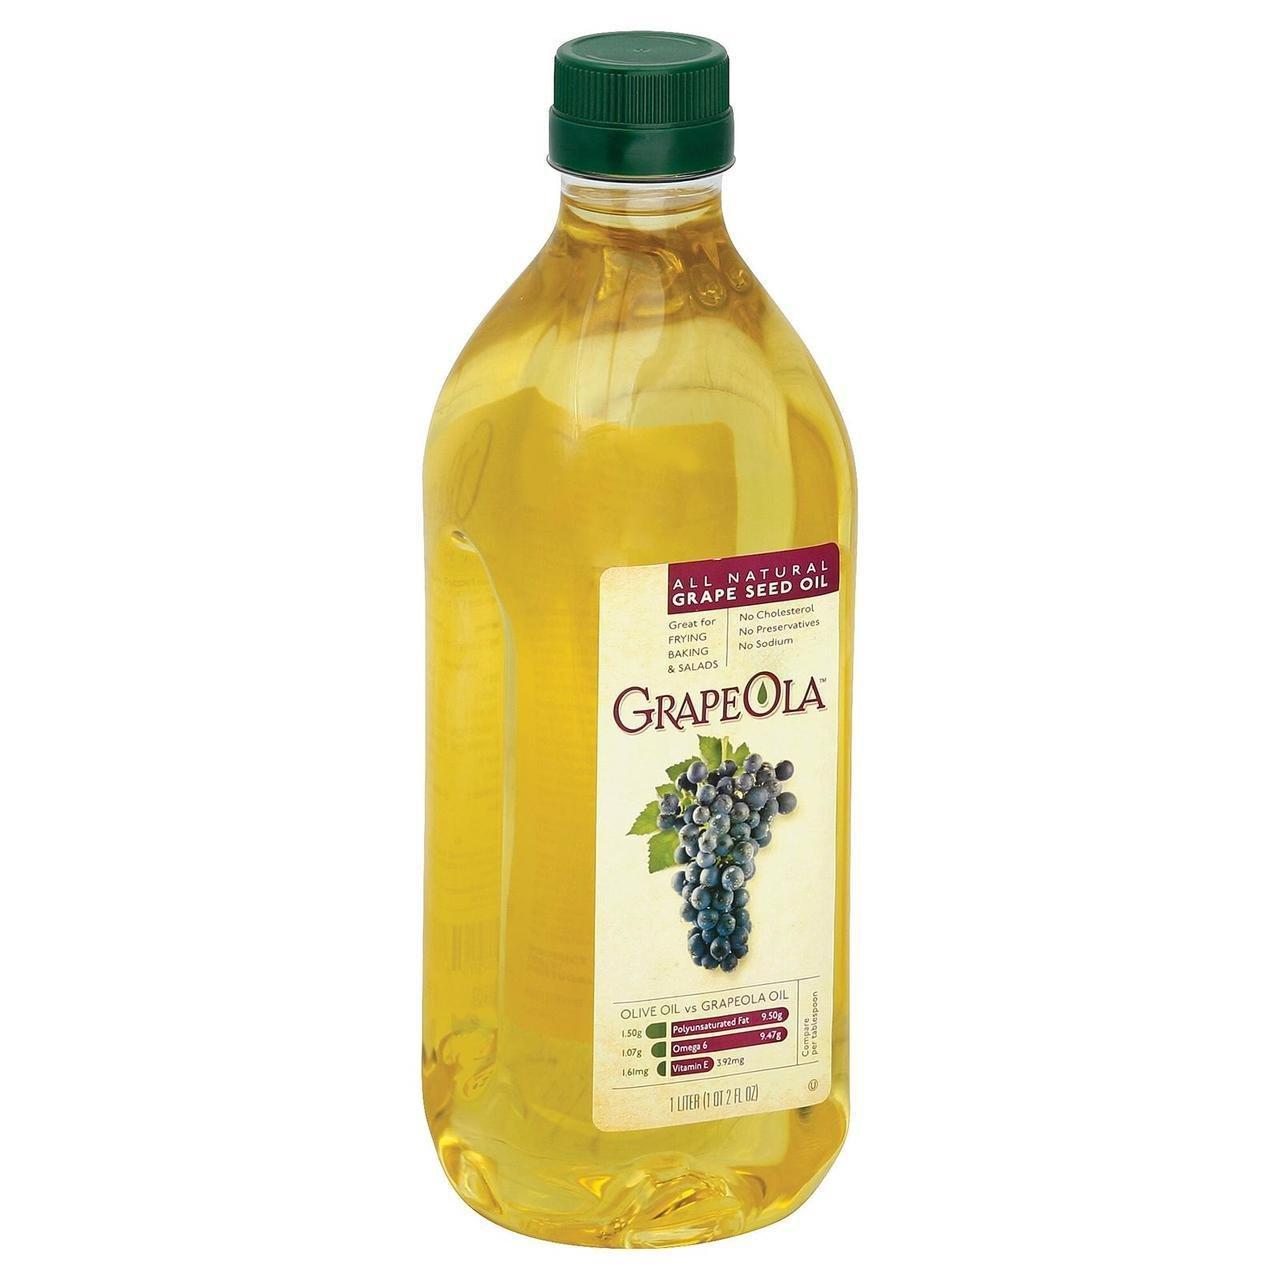 GRAPEOLA OIL GRAPE SEED